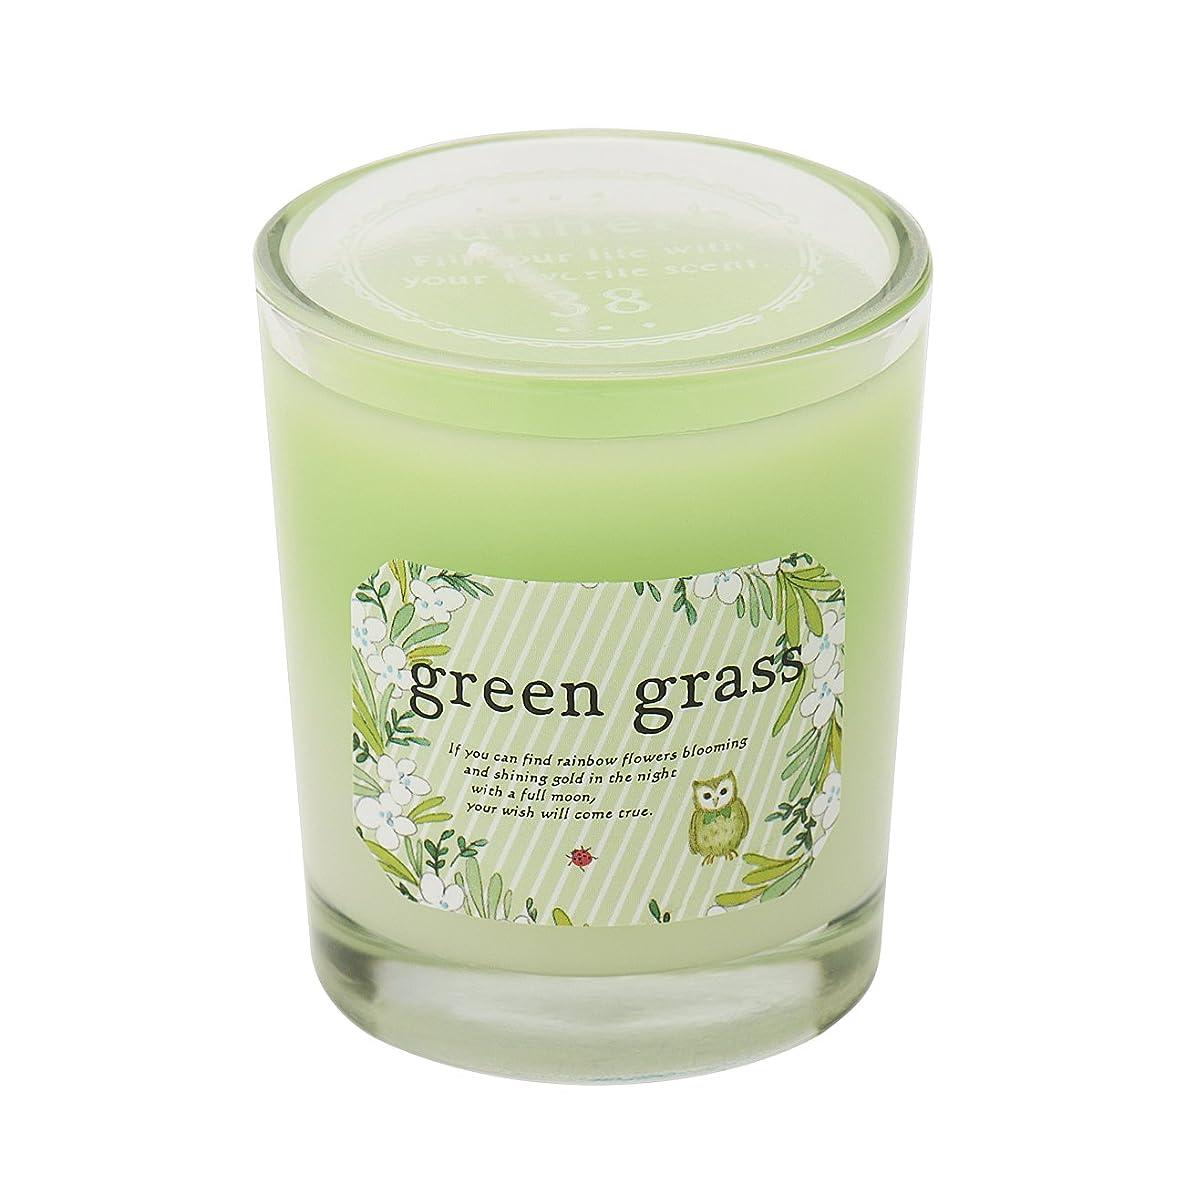 喜劇杭杭サンハーブ グラスキャンドル グリーングラス 35g(グラデーションろうそく 燃焼時間約10時間 爽やかでちょっと大人の香り)